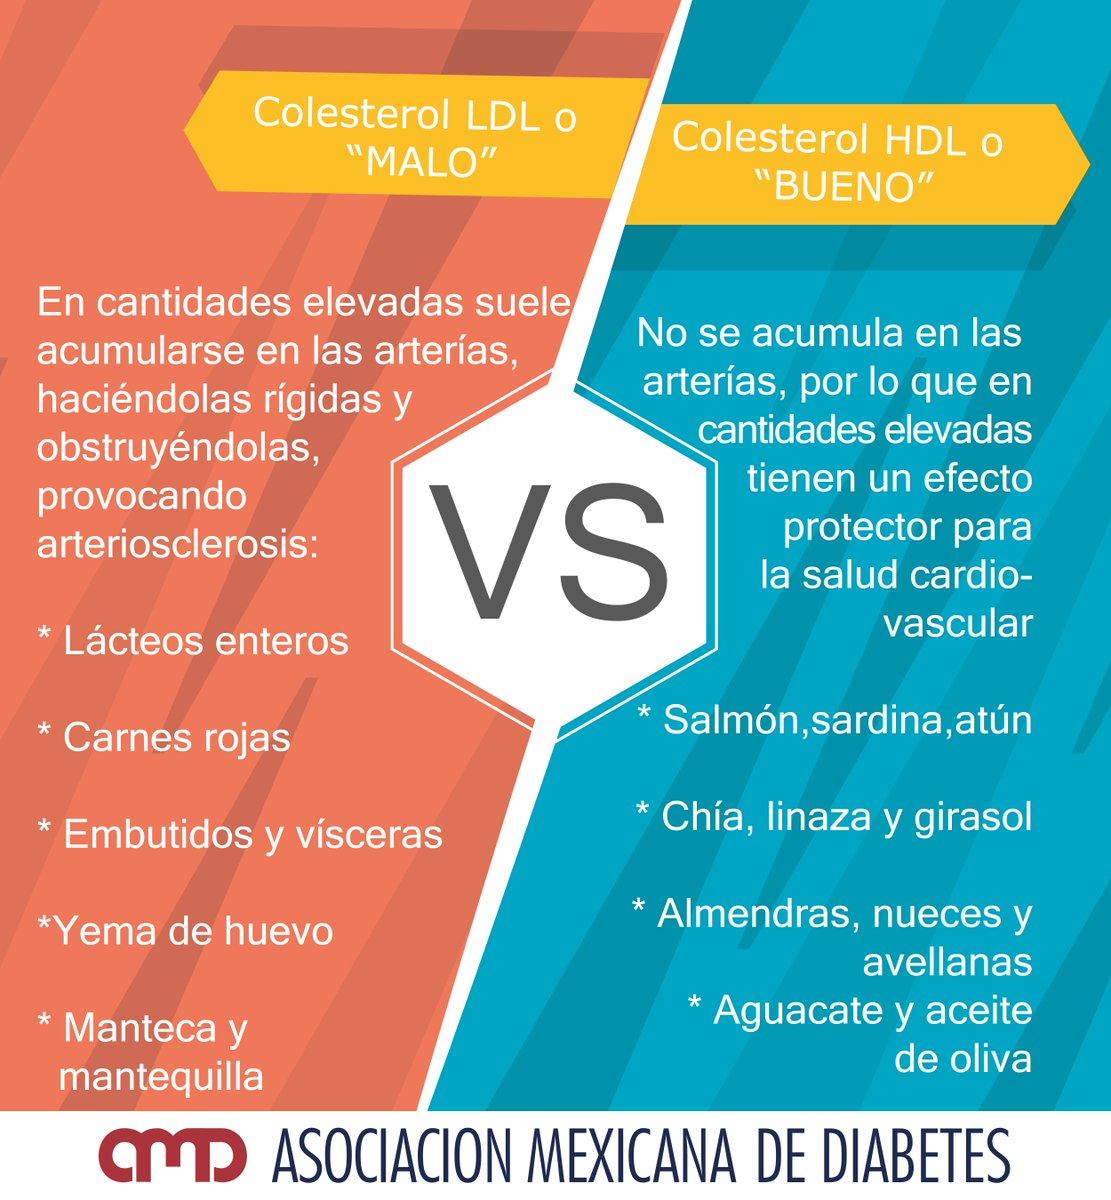 diferencia entre el colesterol hdl y ldl